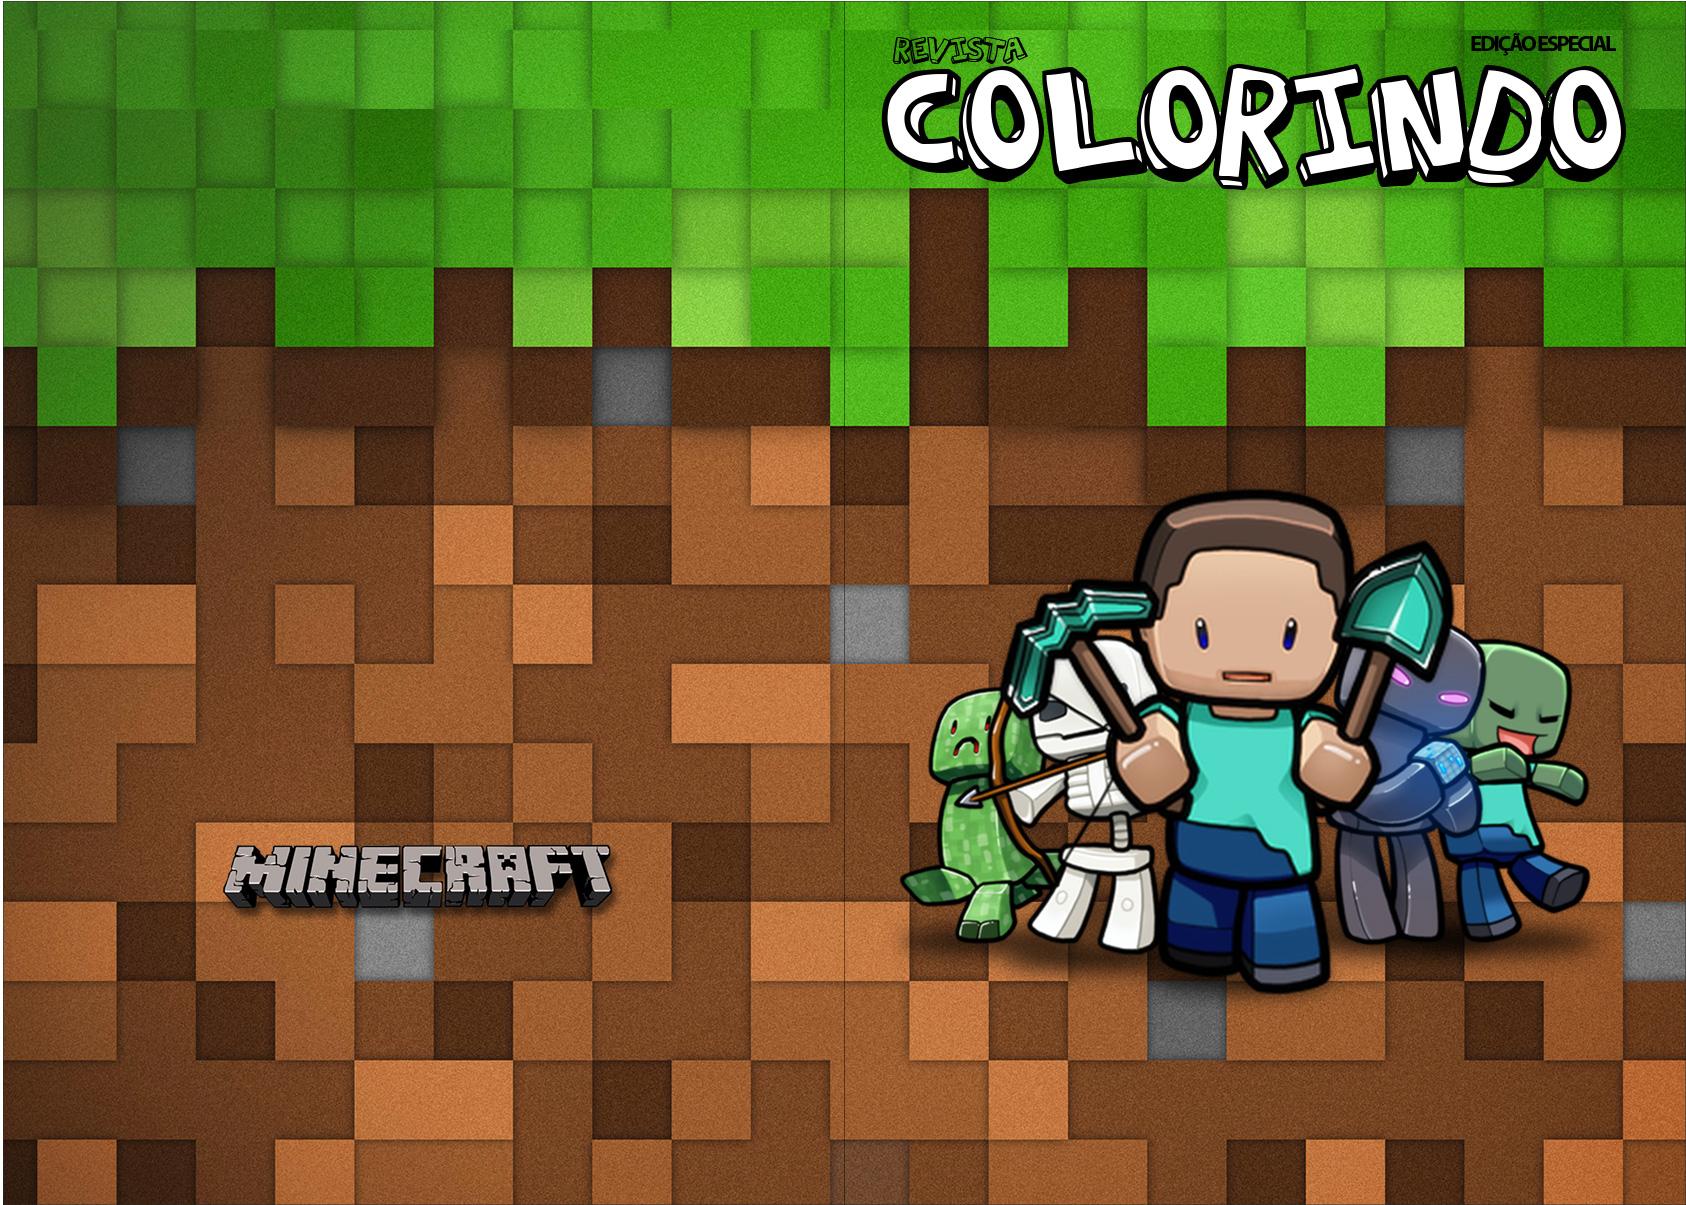 Letras Minegraft Fazendo A Nossa Festa: Revista Colorindo Minecraft